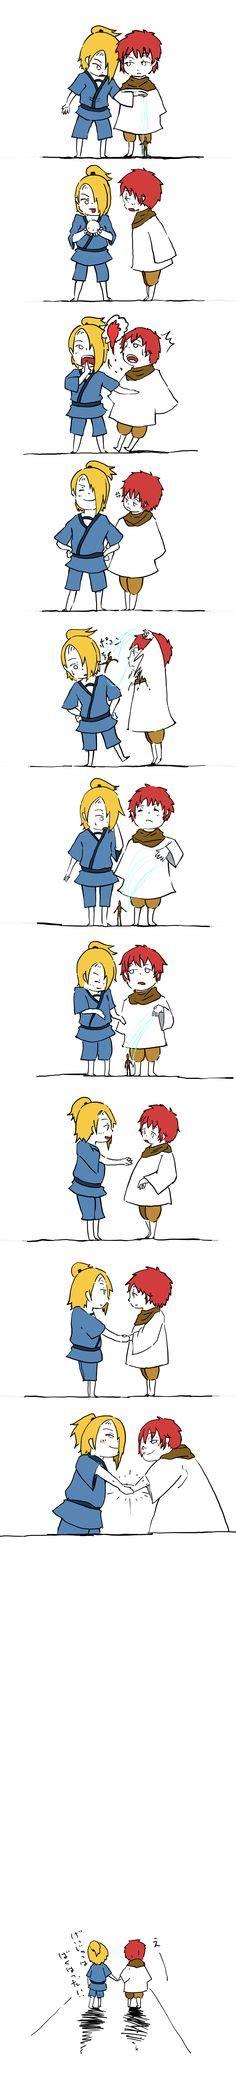 sasori deidara shippuuden anime anime anime